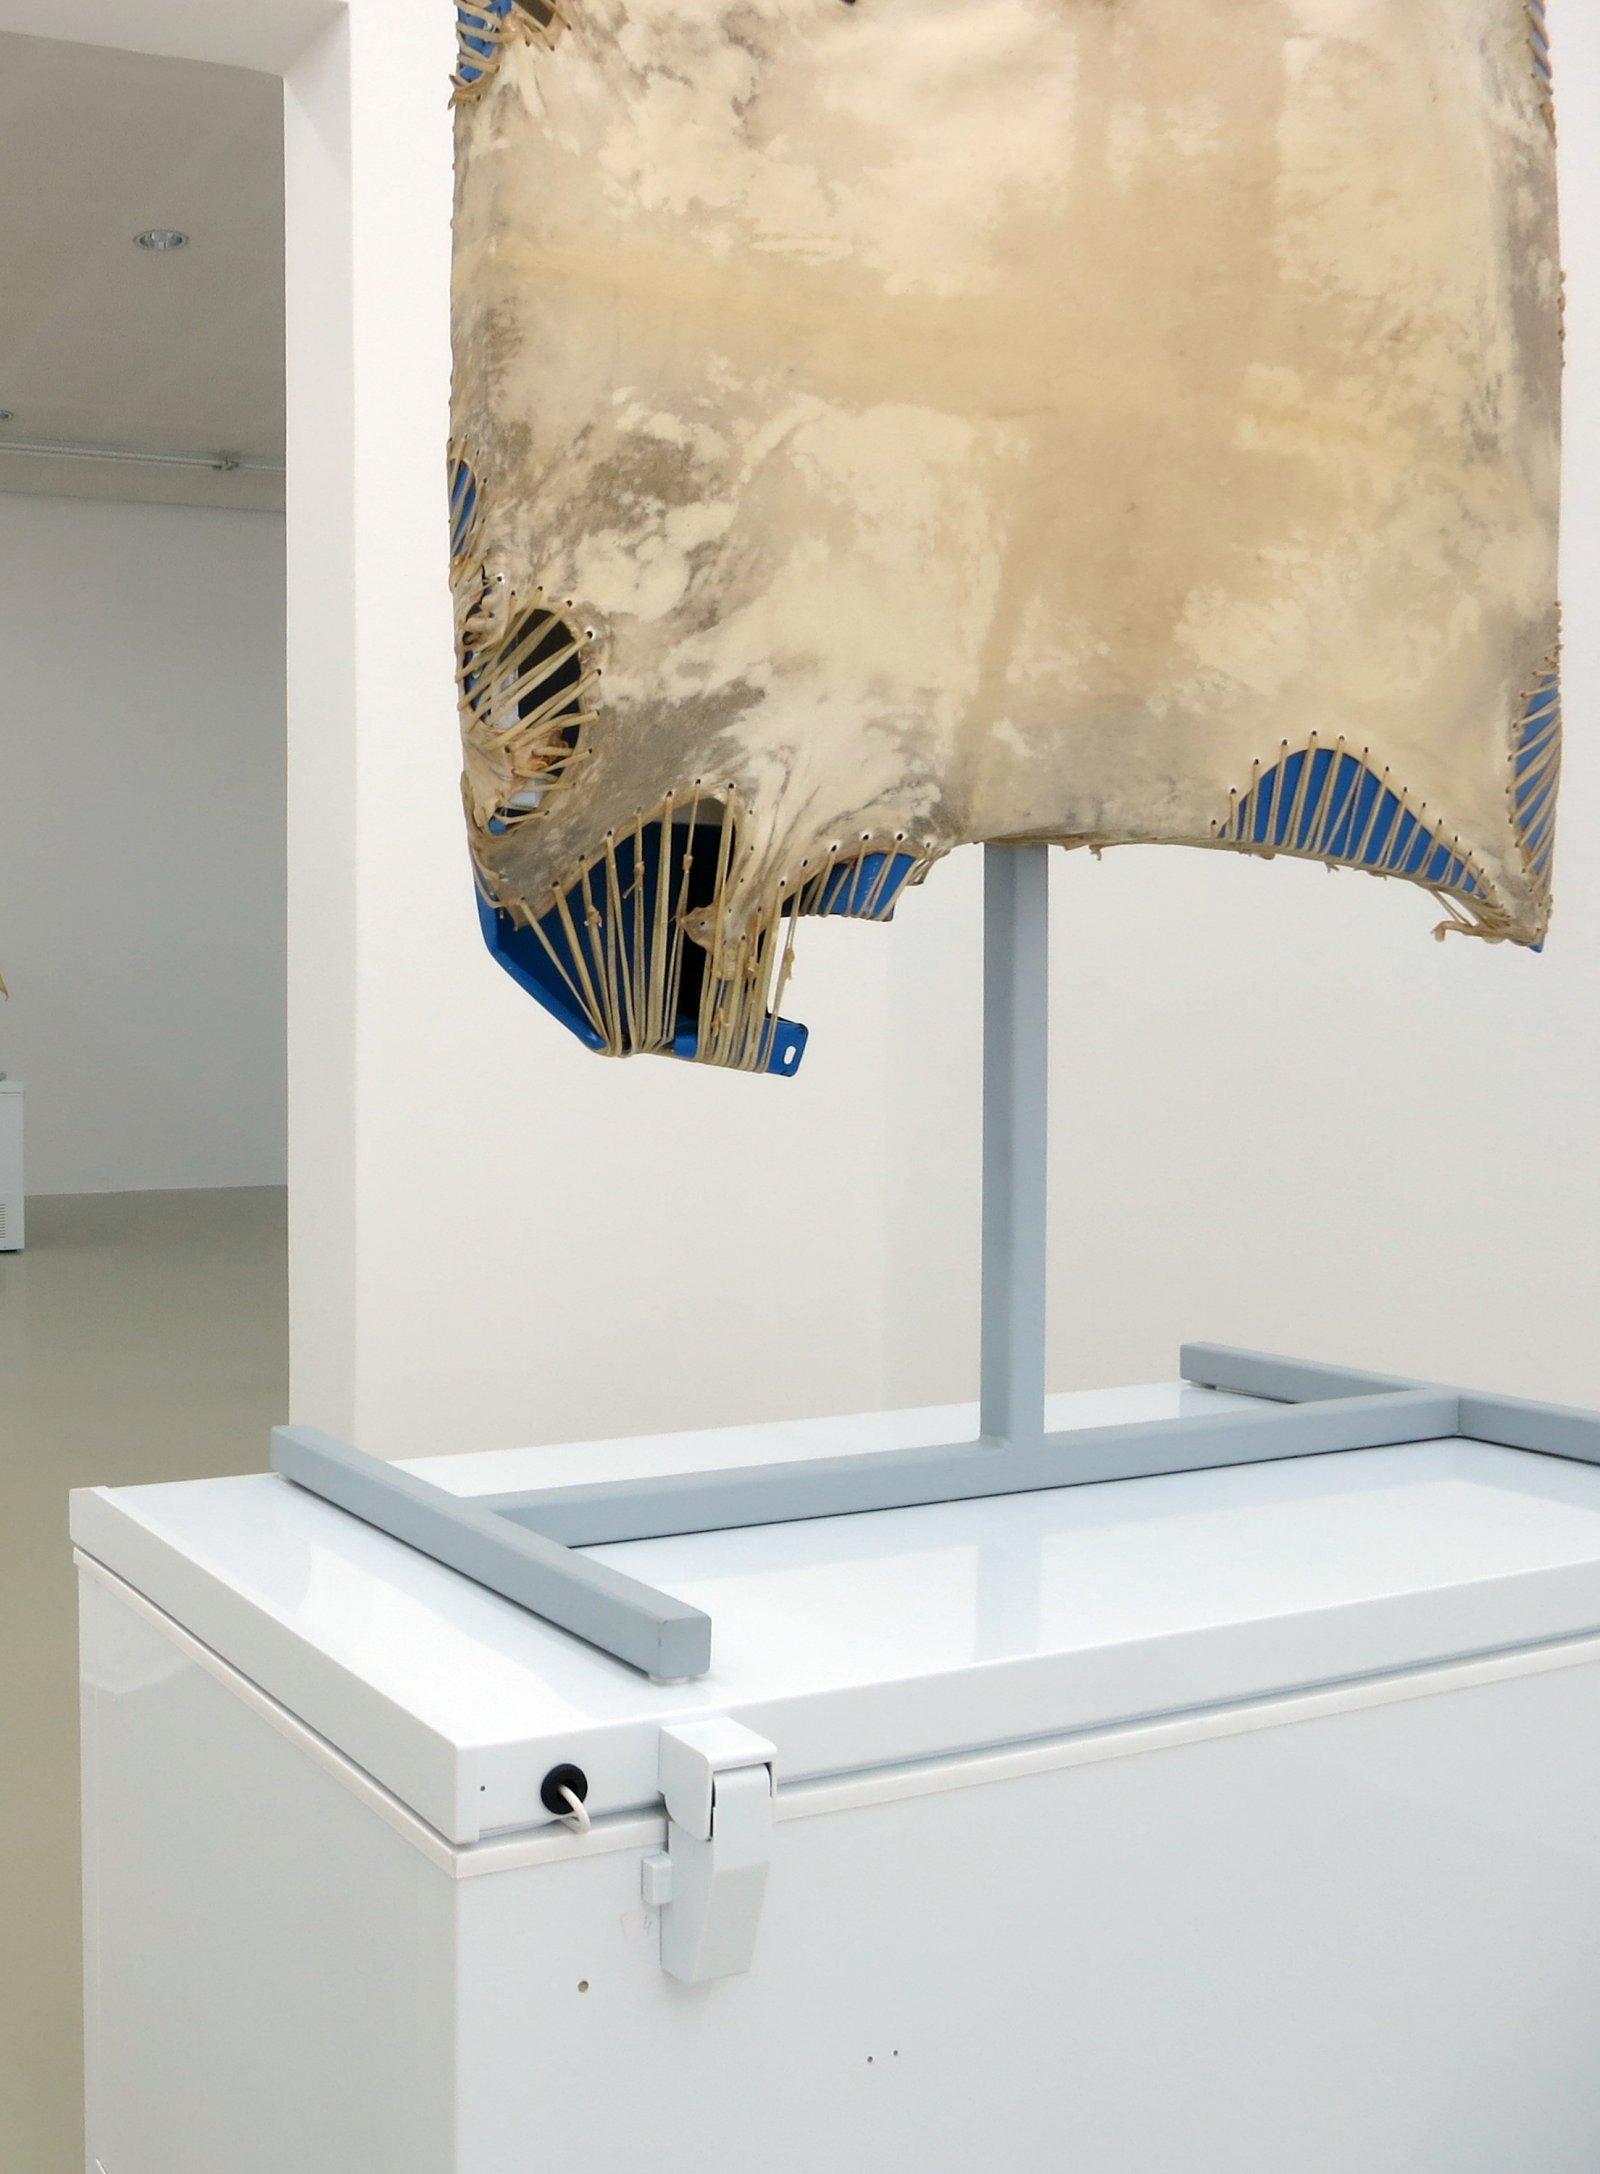 Brian Jungen,Mother Tongue(detail), 2013, steel, deer hide, vw fenders, freezer, 100 x 51 x 28 in. (256 x 130 x 71 cm)